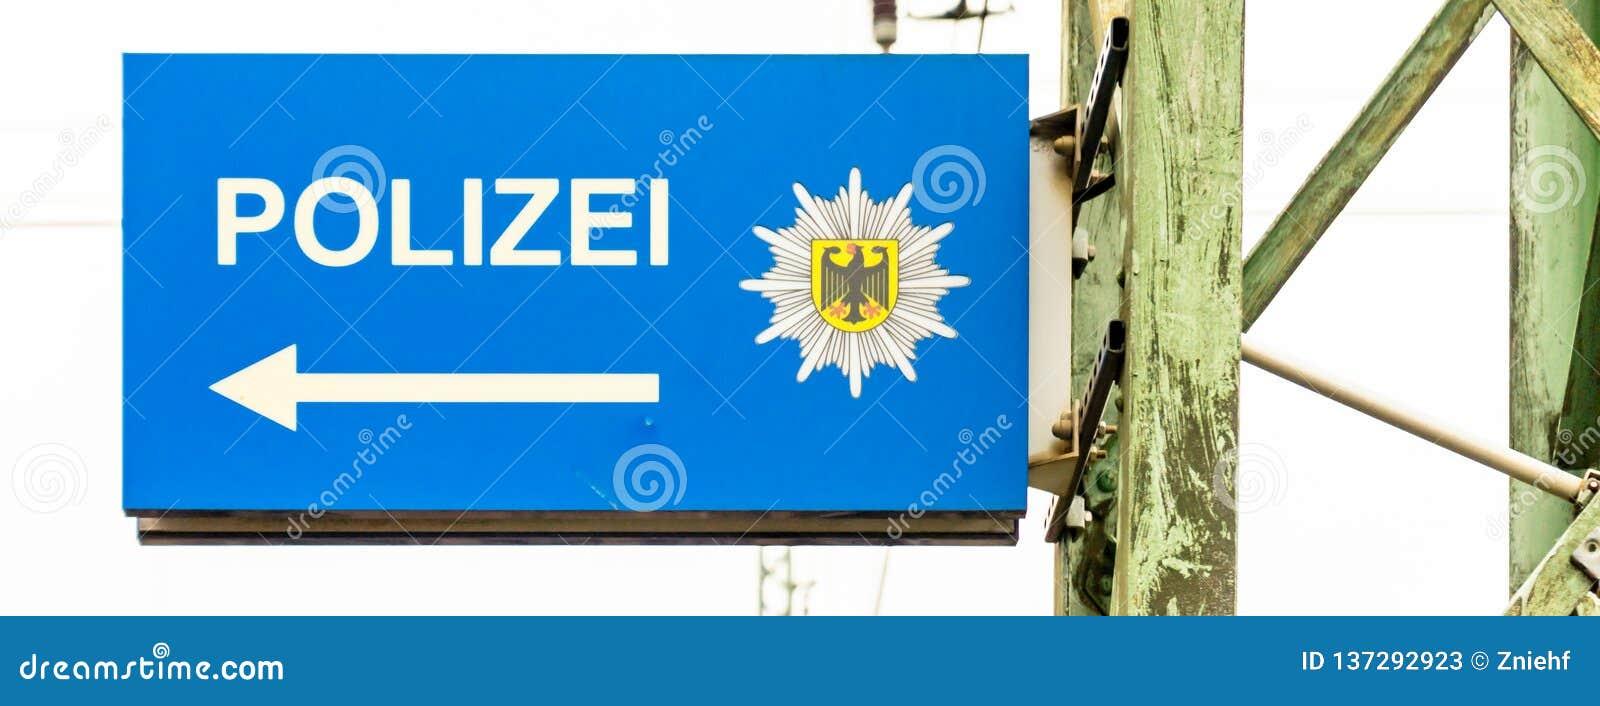 Muestra de la información para la comisaría de policía siguiente con una flecha blanca en una tierra azul y el escudo de armas de